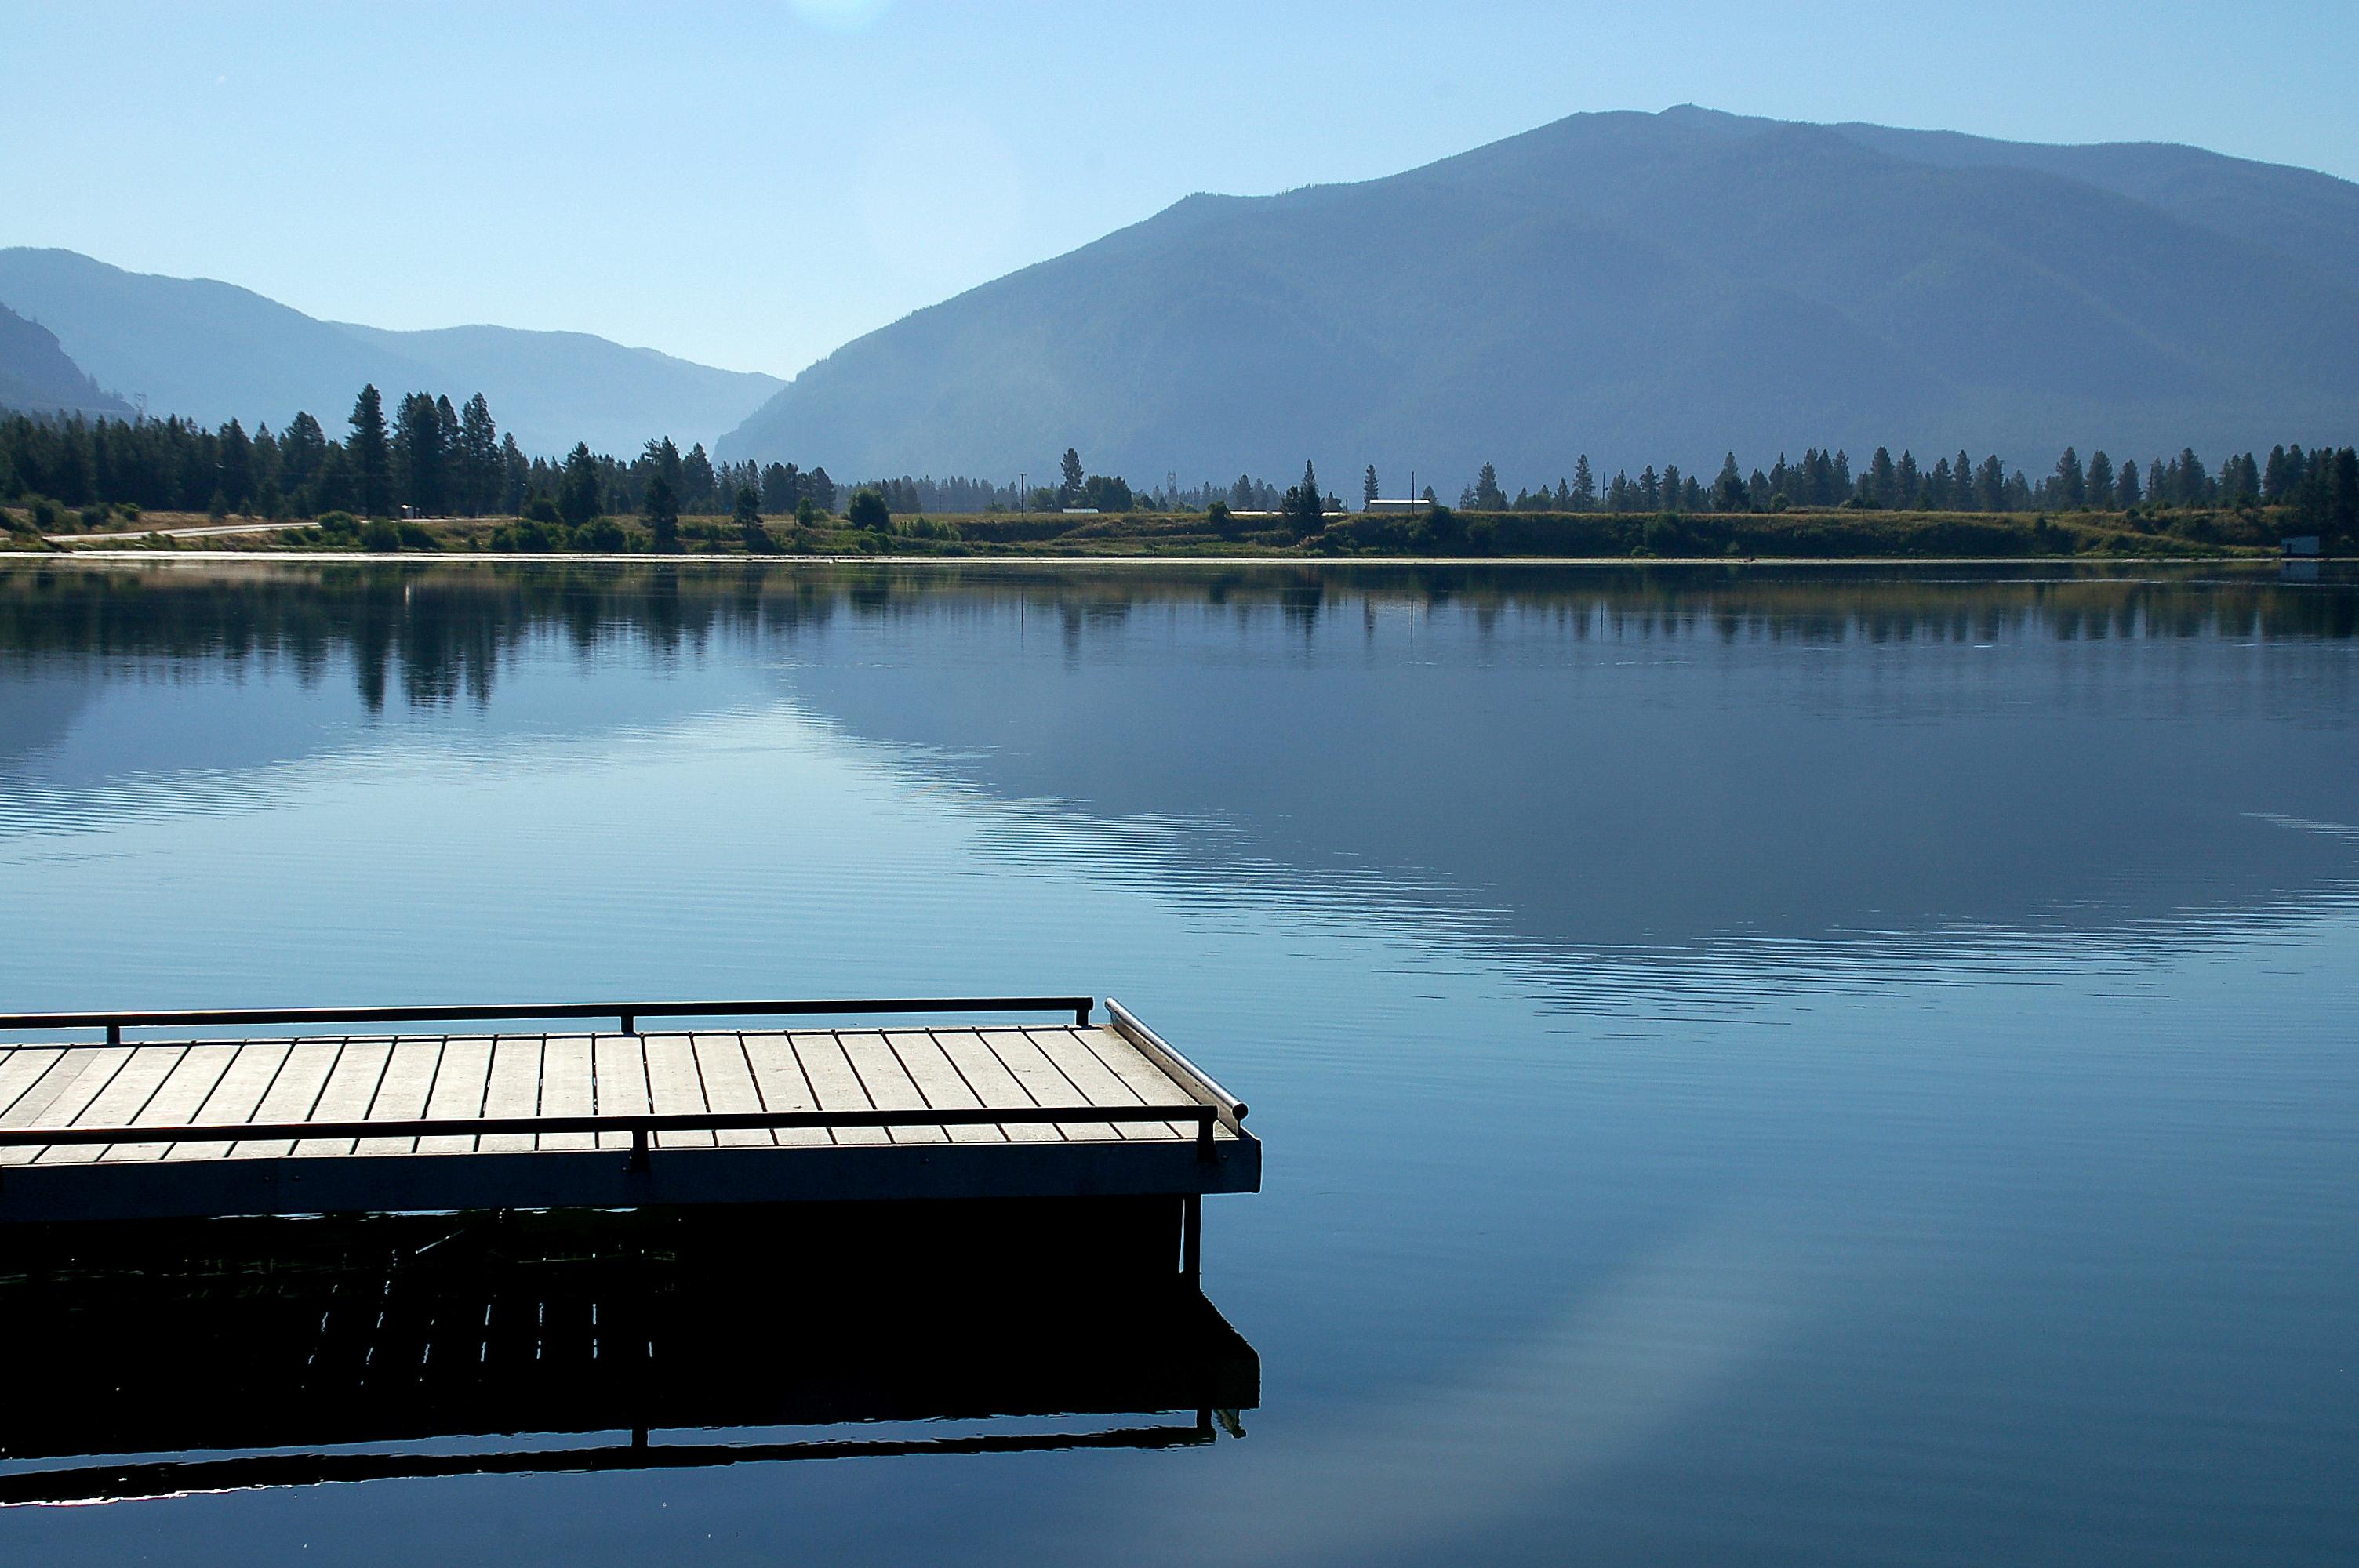 Montana sanders county dixon - Clarkforkriver